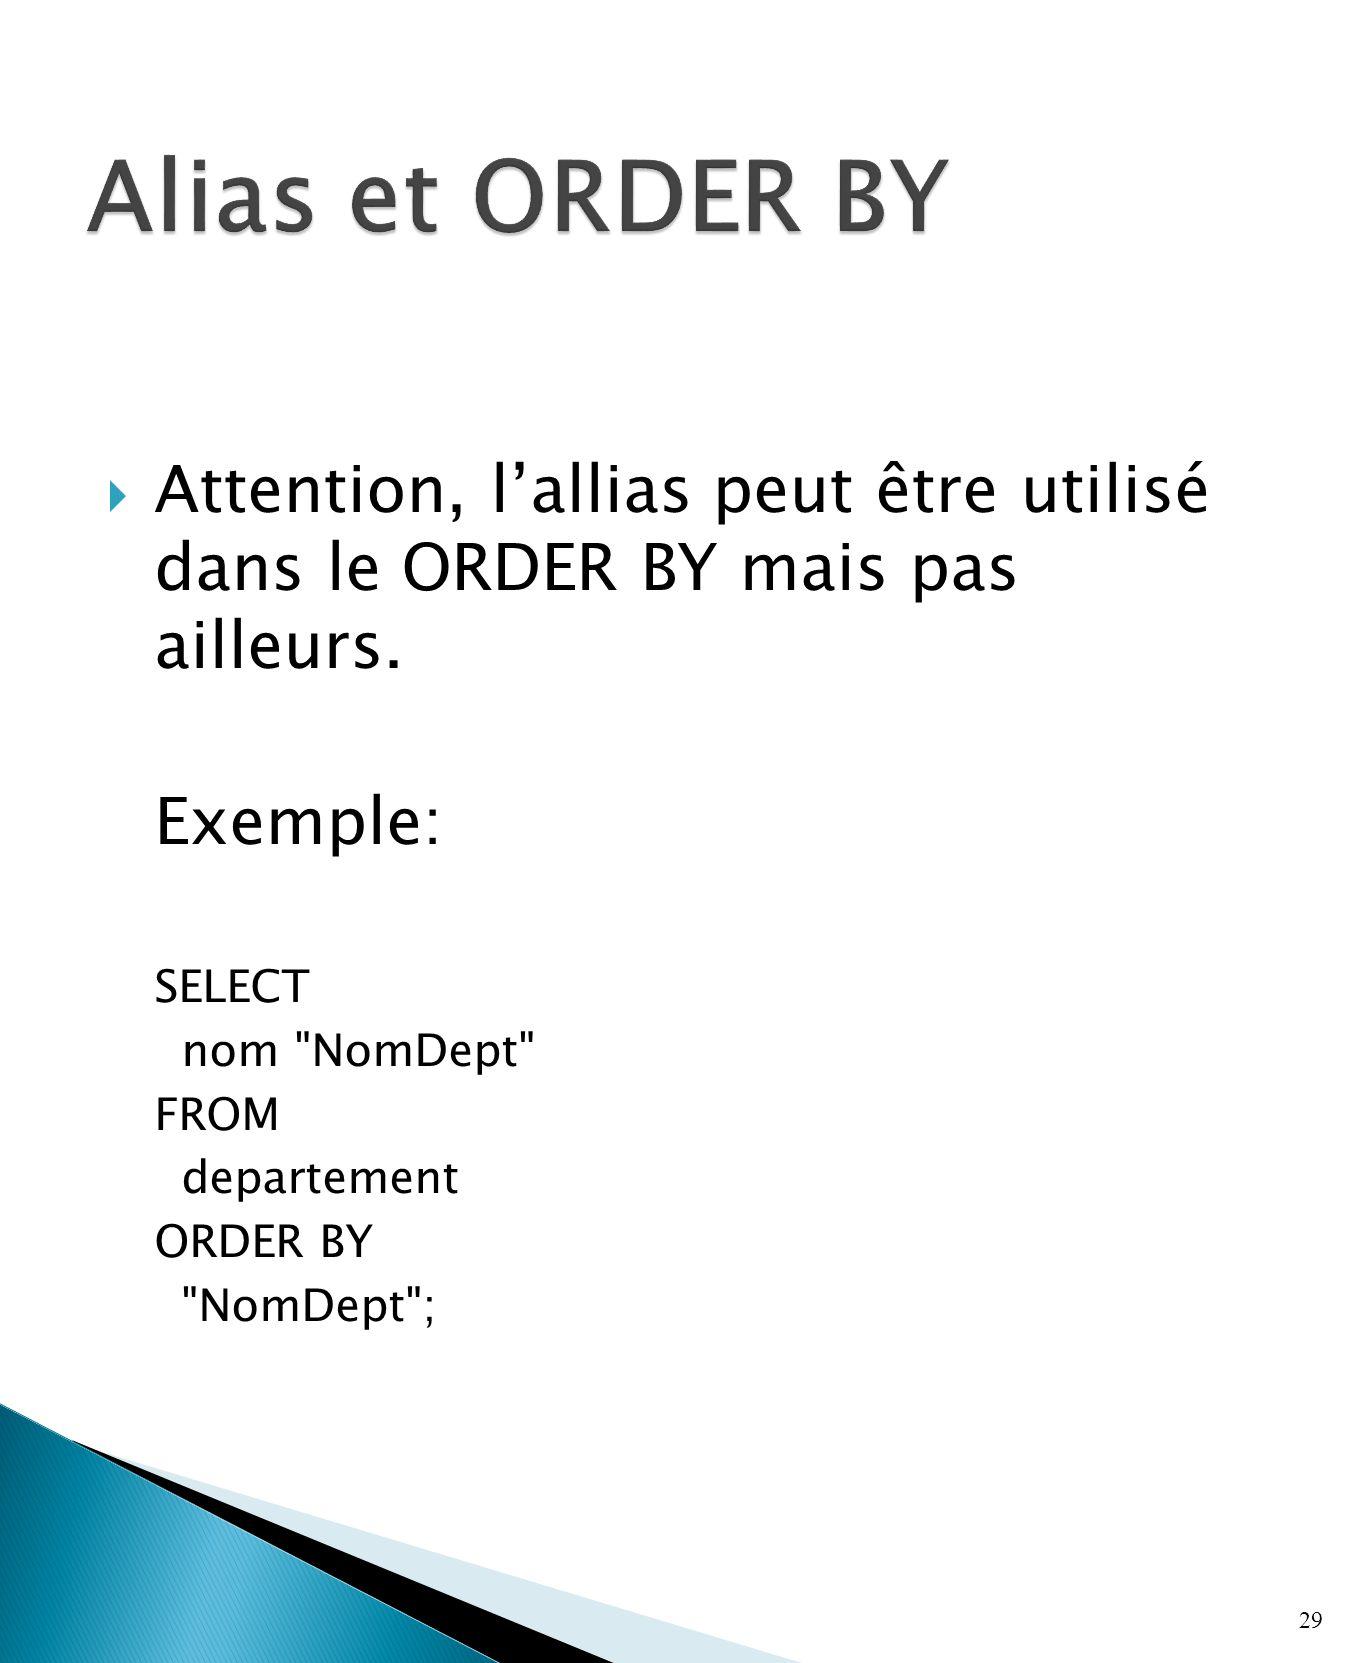 Attention, lallias peut être utilisé dans le ORDER BY mais pas ailleurs.